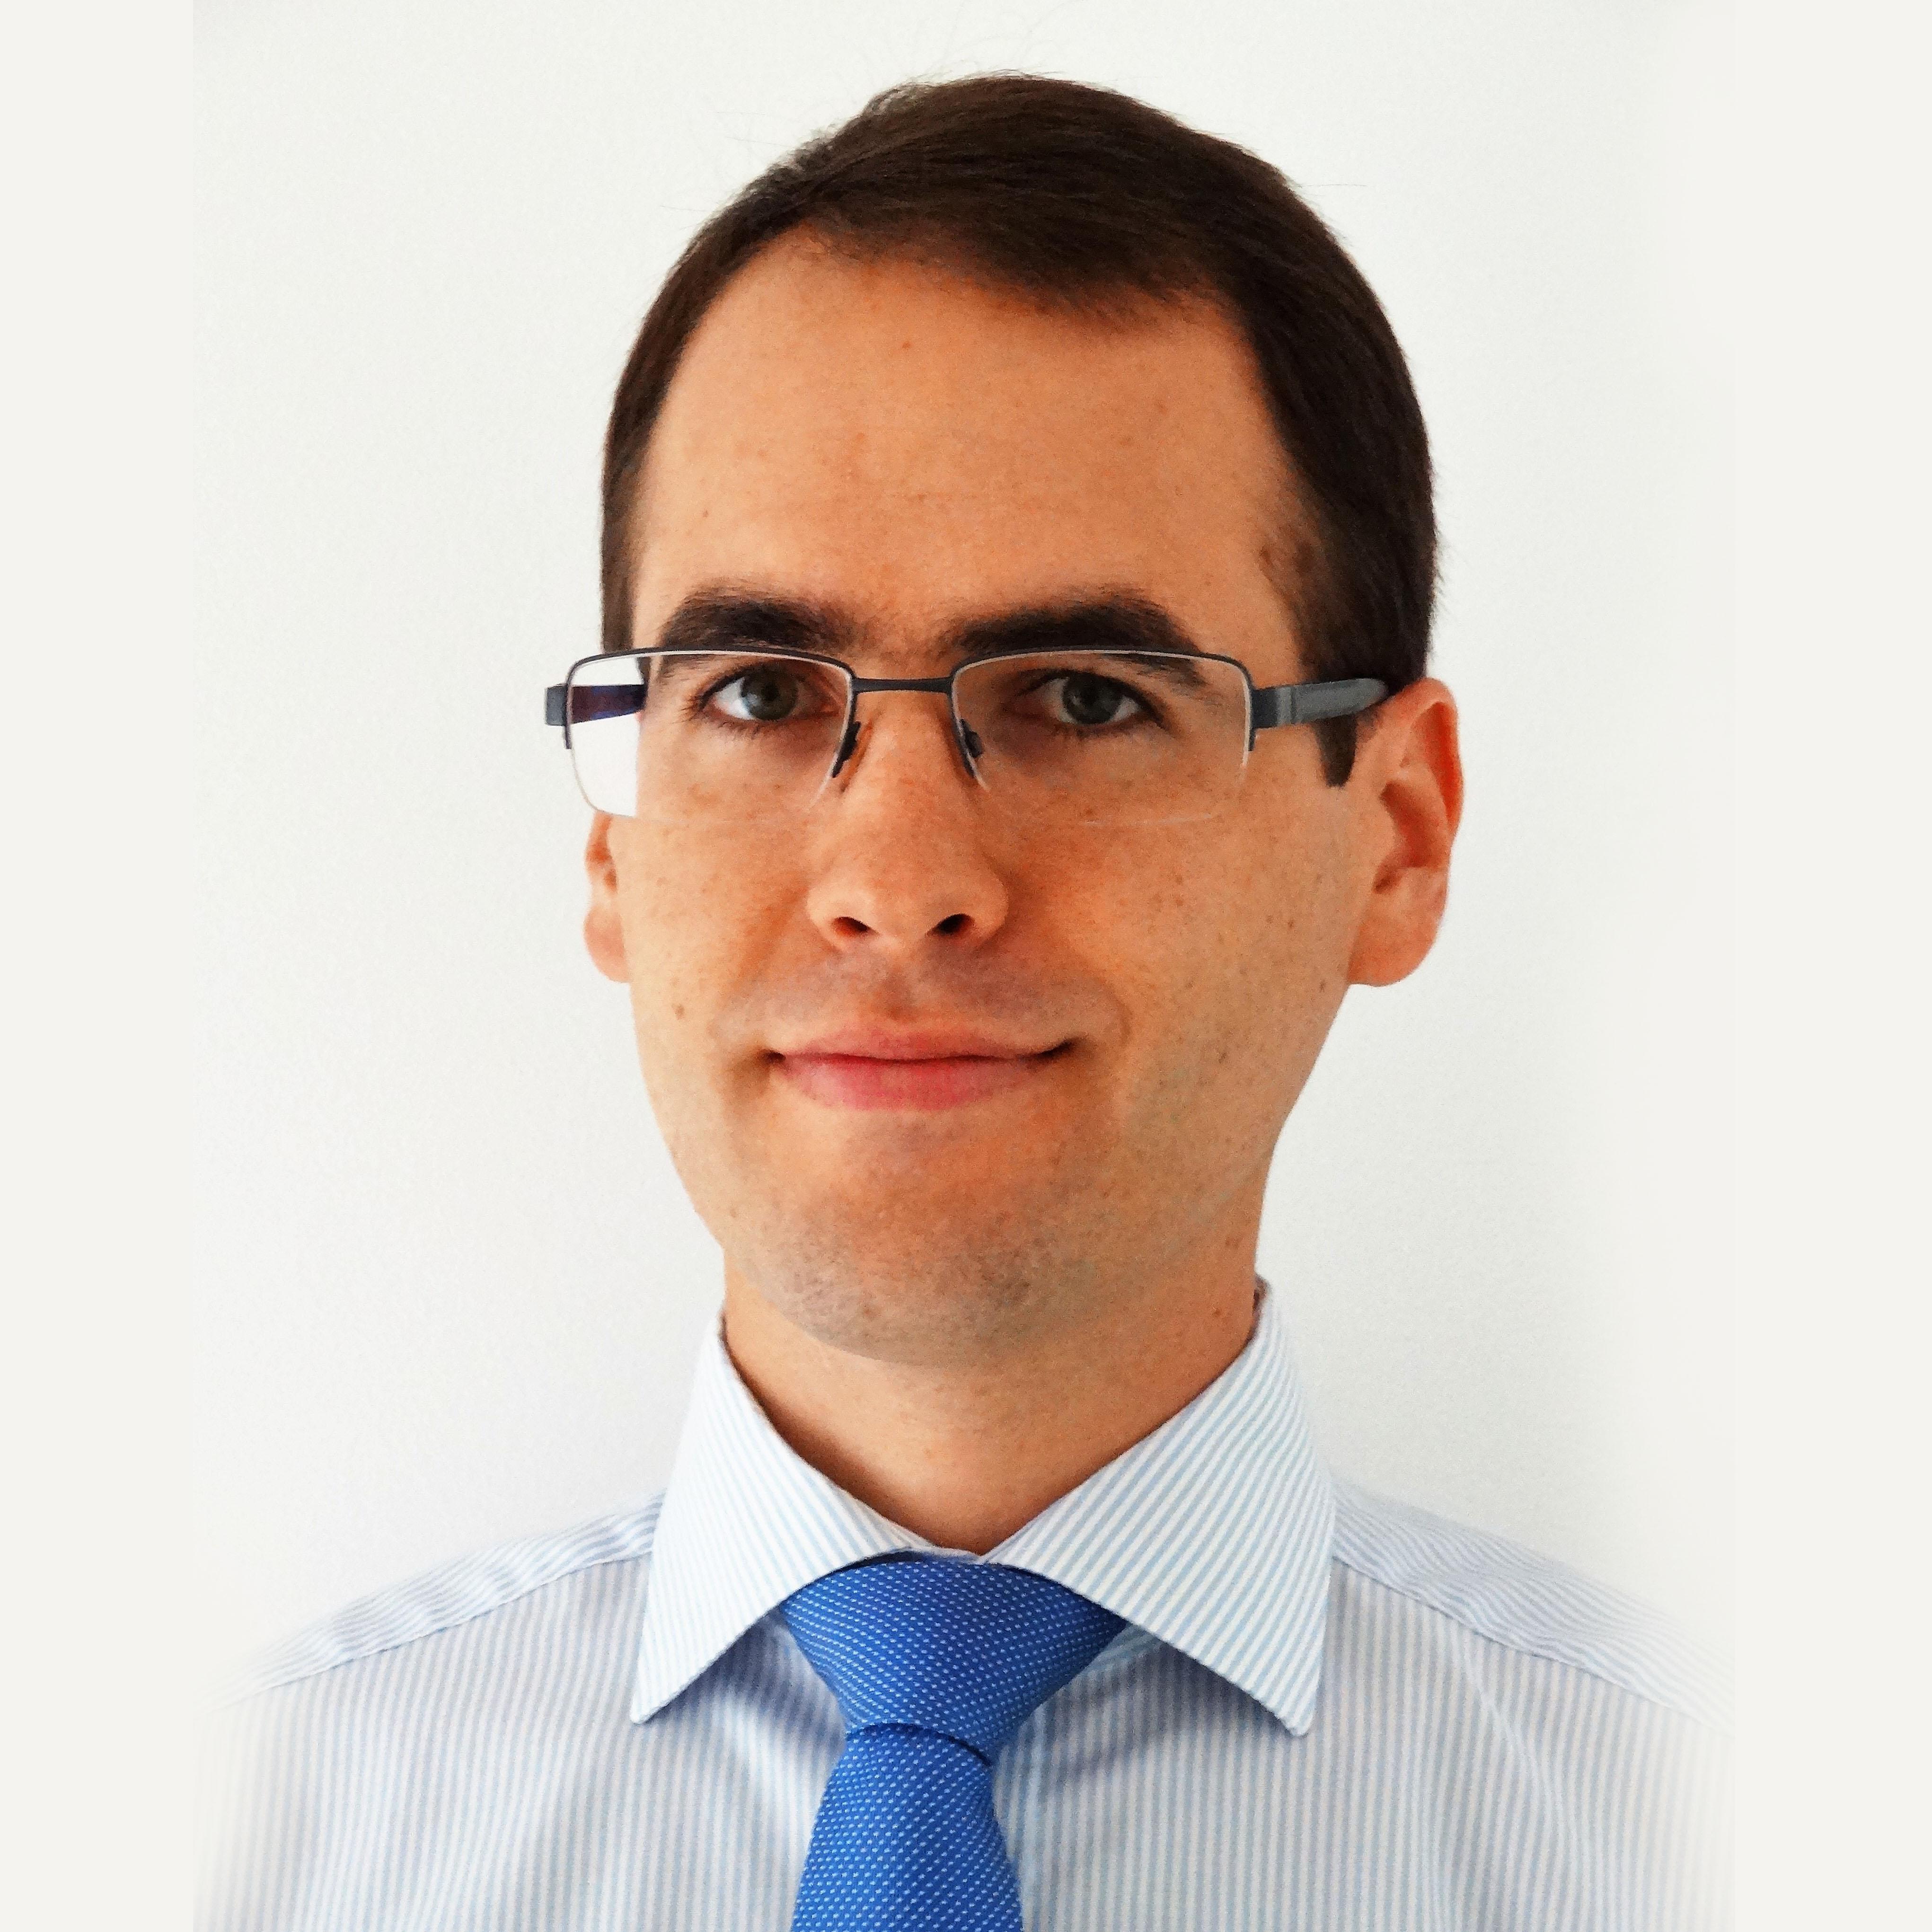 Karl Mihalits